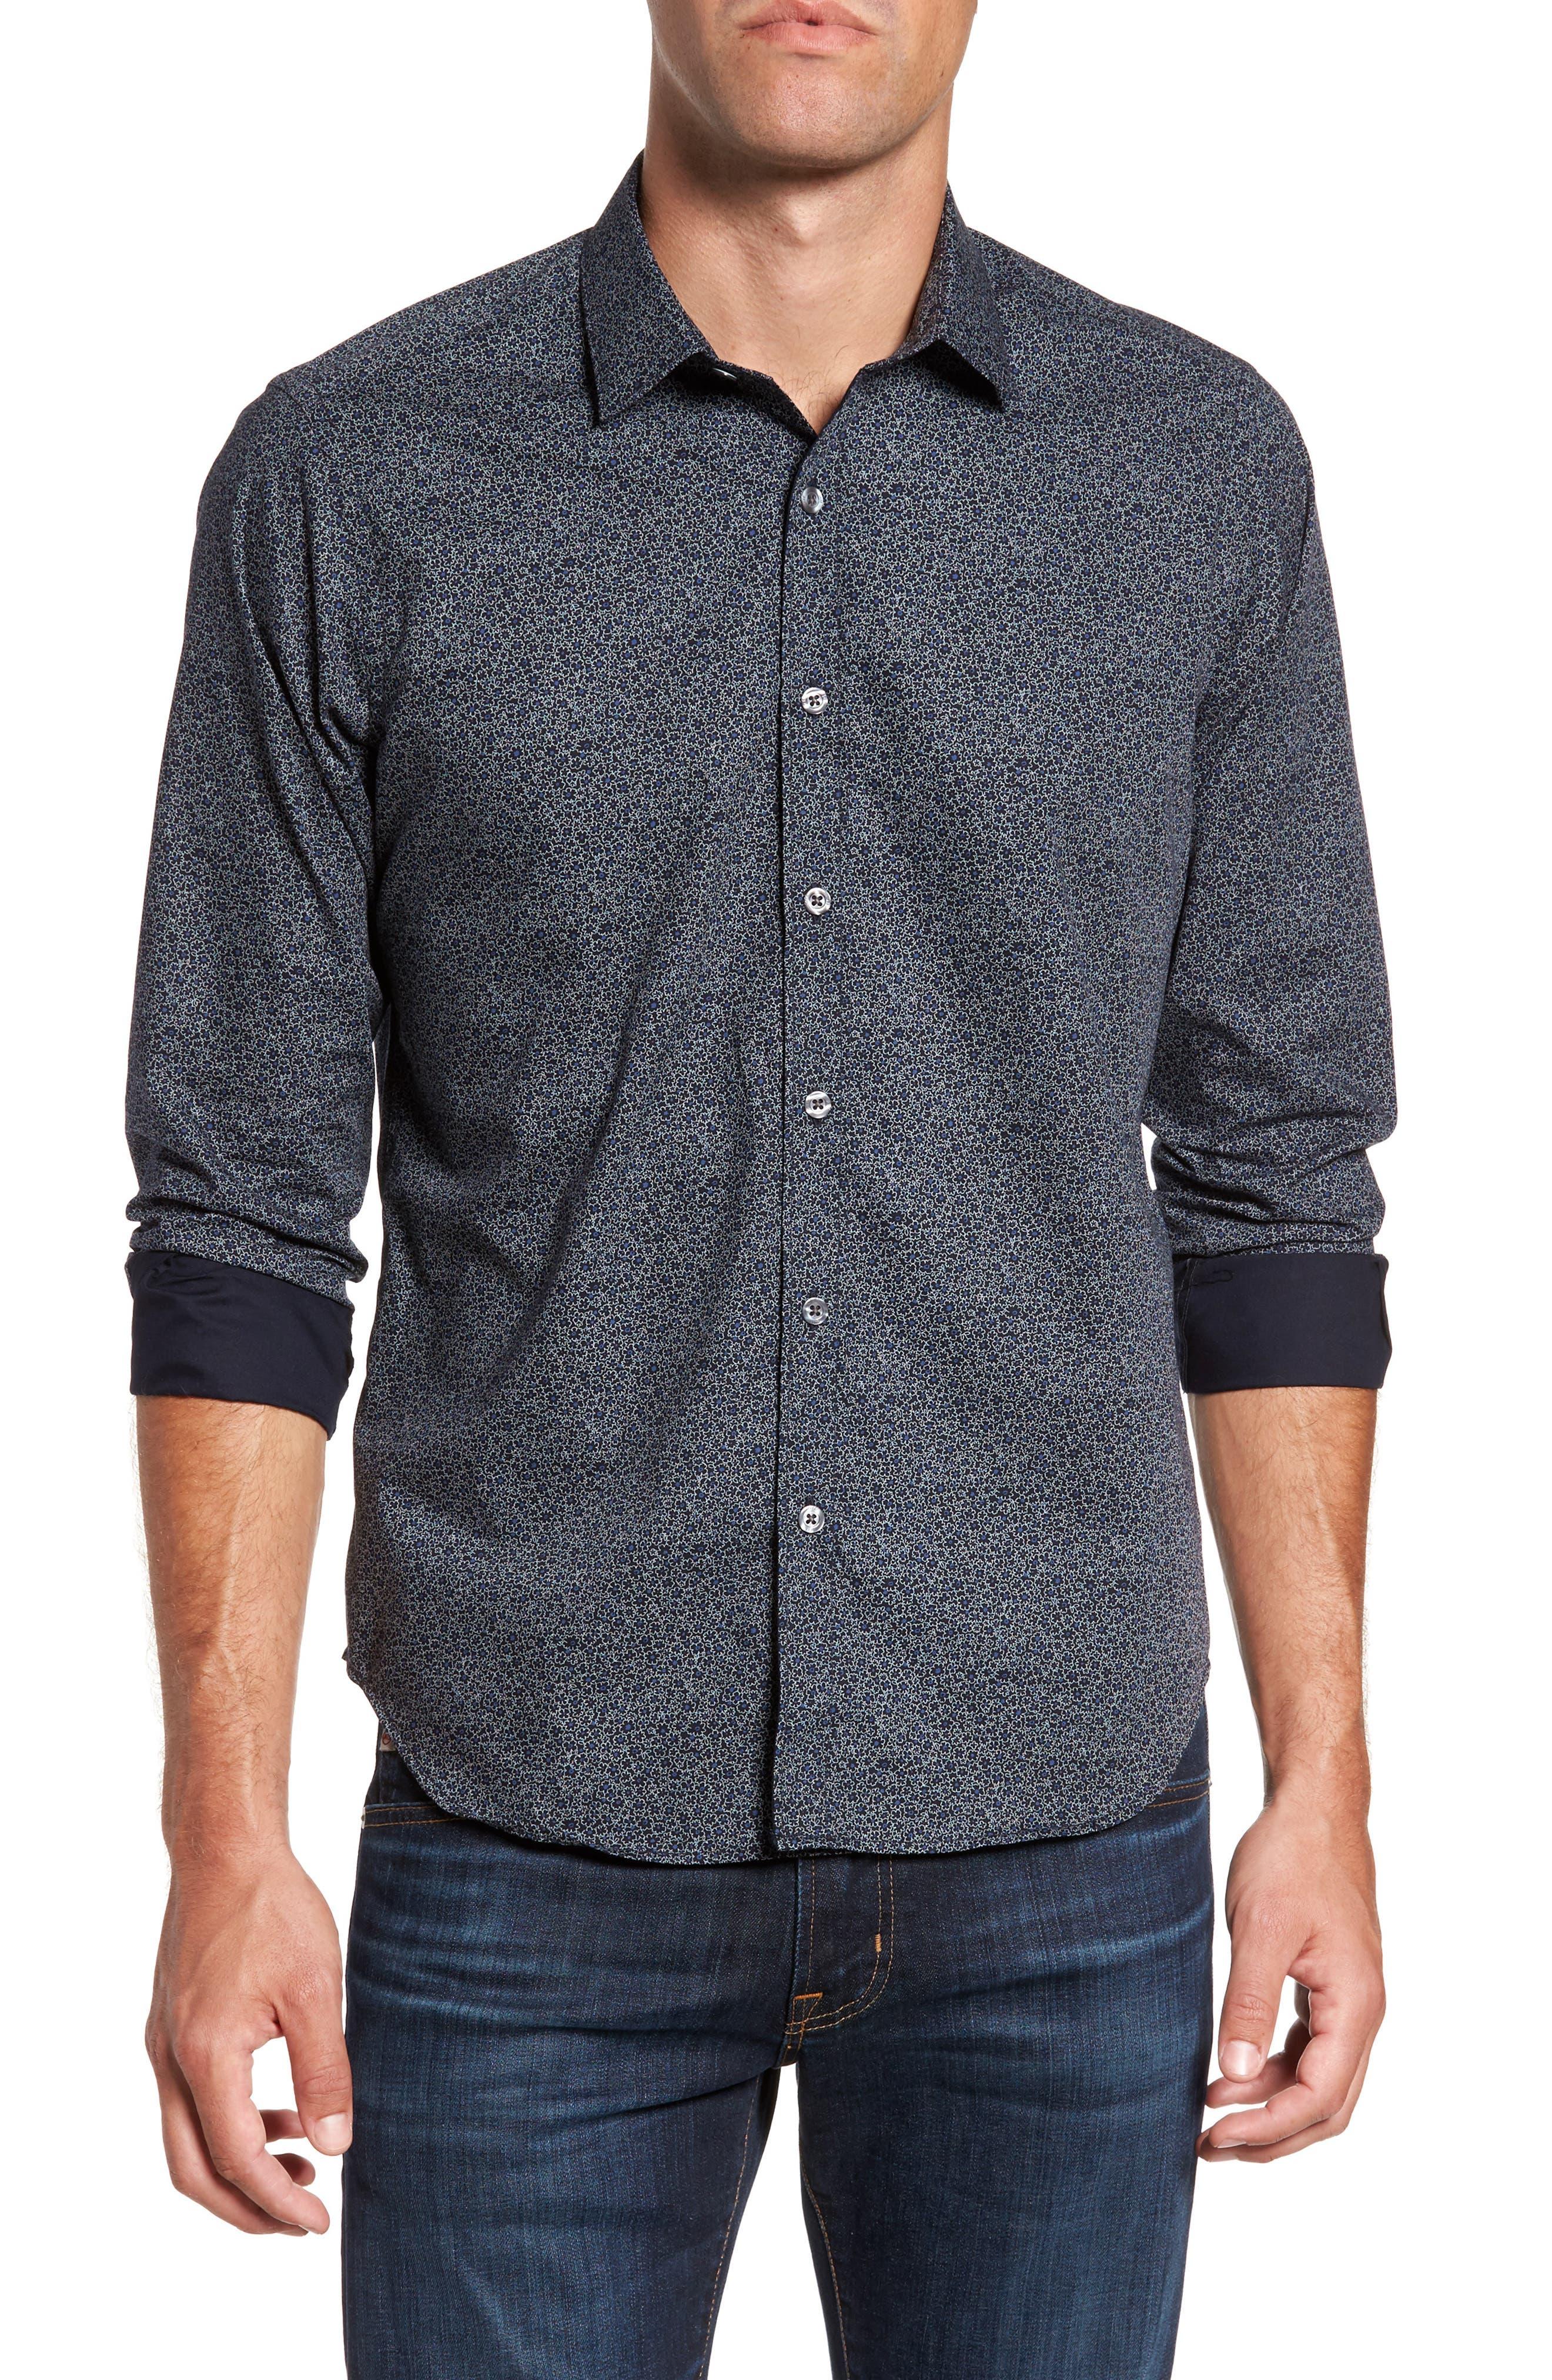 JEFF Jackson Slim Fit Floral Print Sport Shirt, Main, color, 001